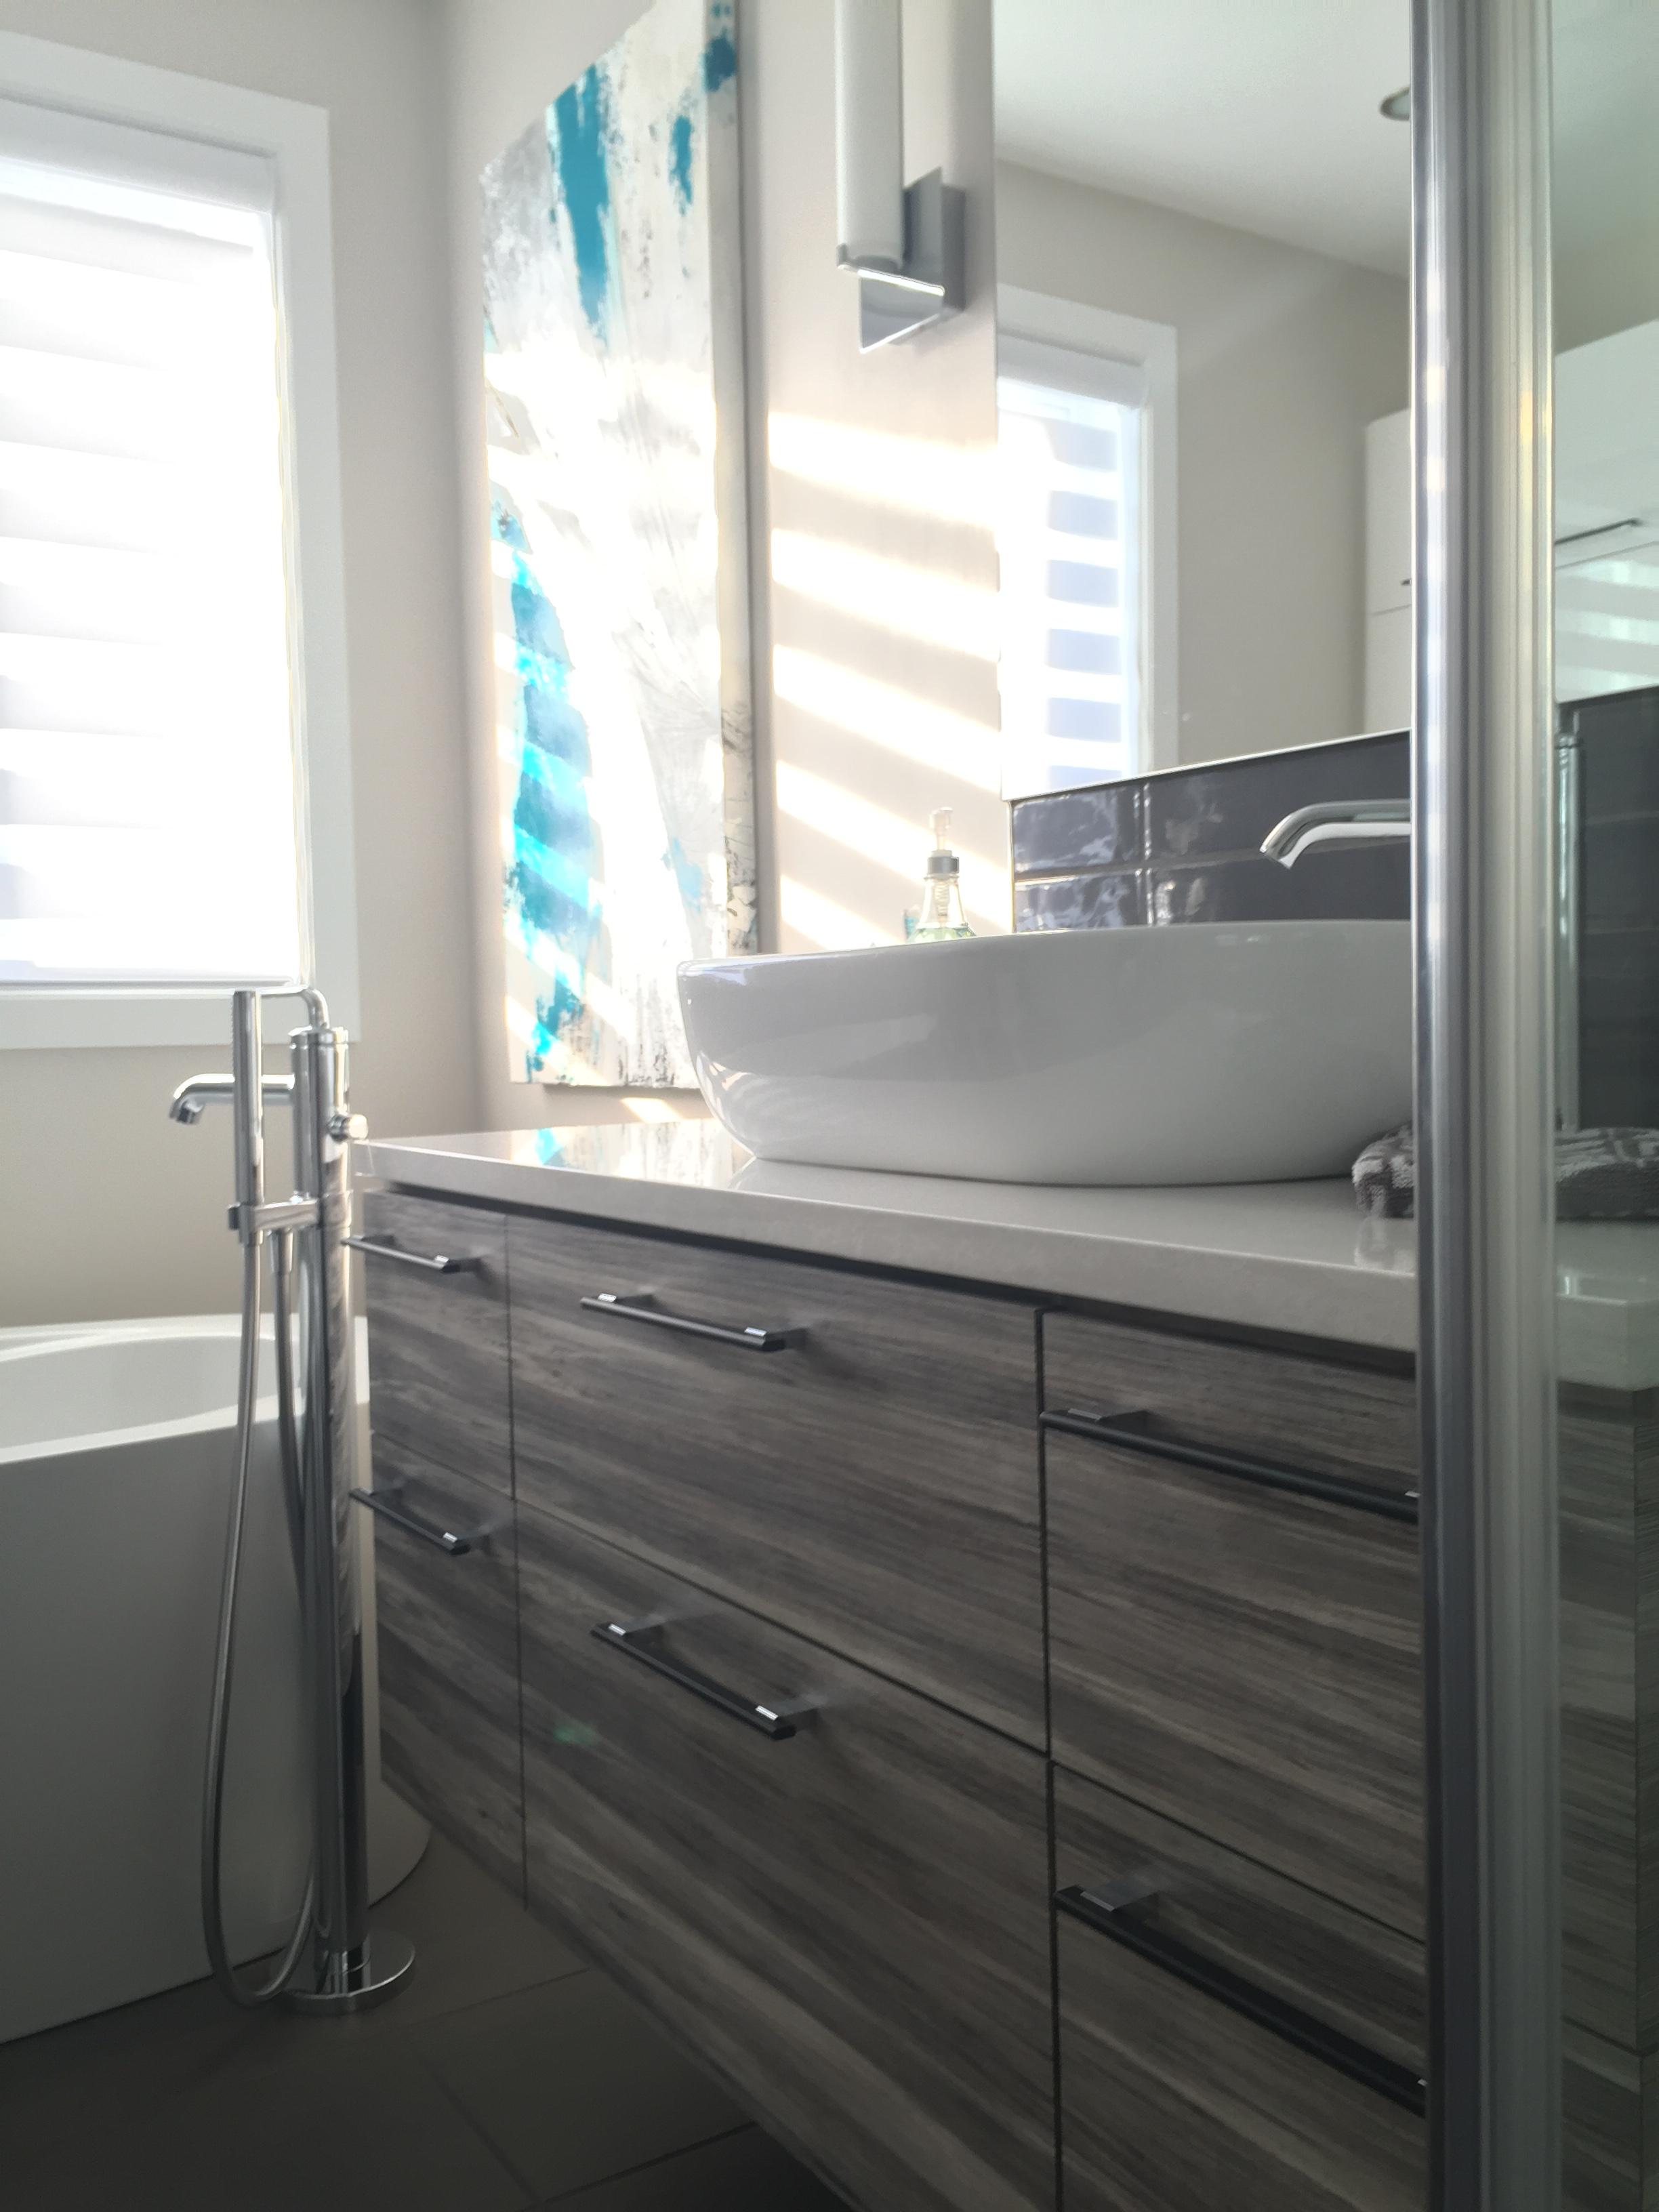 Zone salle de bain for Fourniture salle de bain